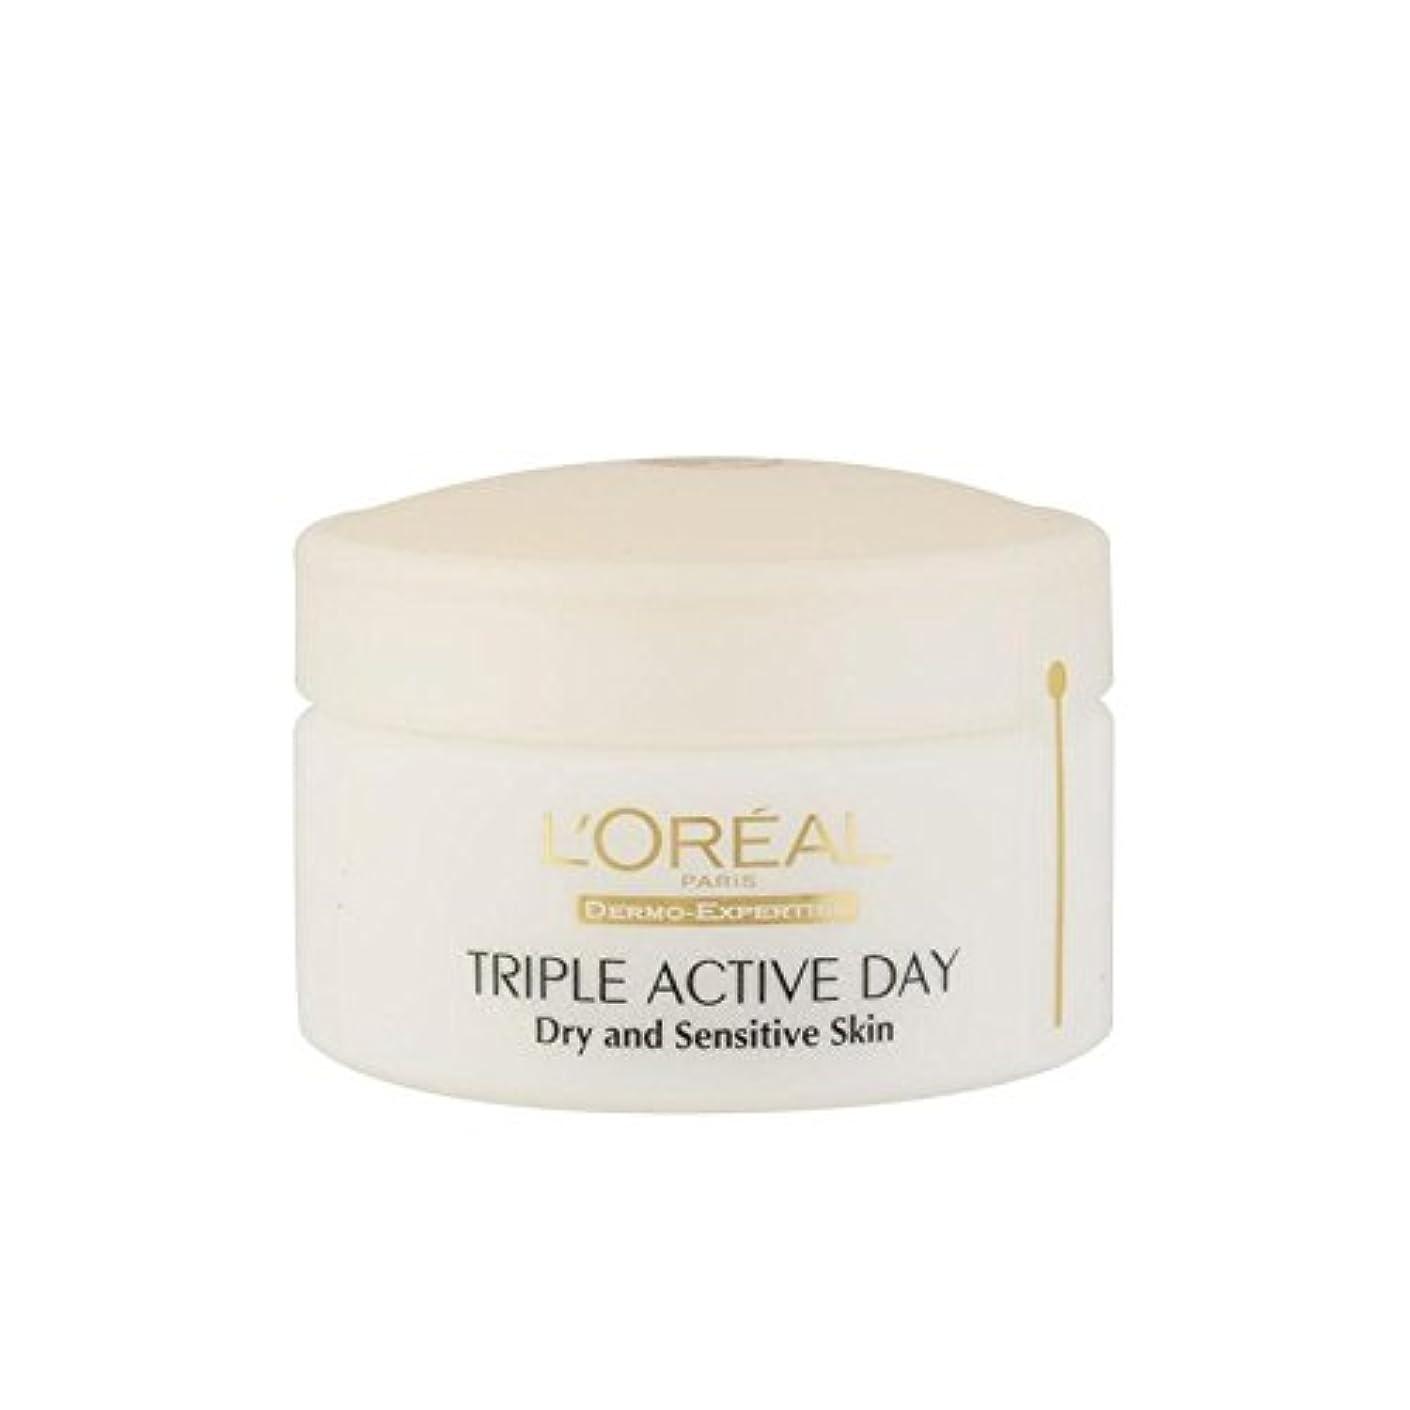 ペルメル染色ベスビオ山L'Oreal Paris Dermo Expertise Triple Active Day Multi-Protection Moisturiser - Dry/Sensitive Skin (50ml) (Pack of 6) - ロレアルパリ、真皮の専門知識トリプルアクティブな一日のマルチ保護保湿 - ドライ/敏感肌(50ミリリットル) x6 [並行輸入品]